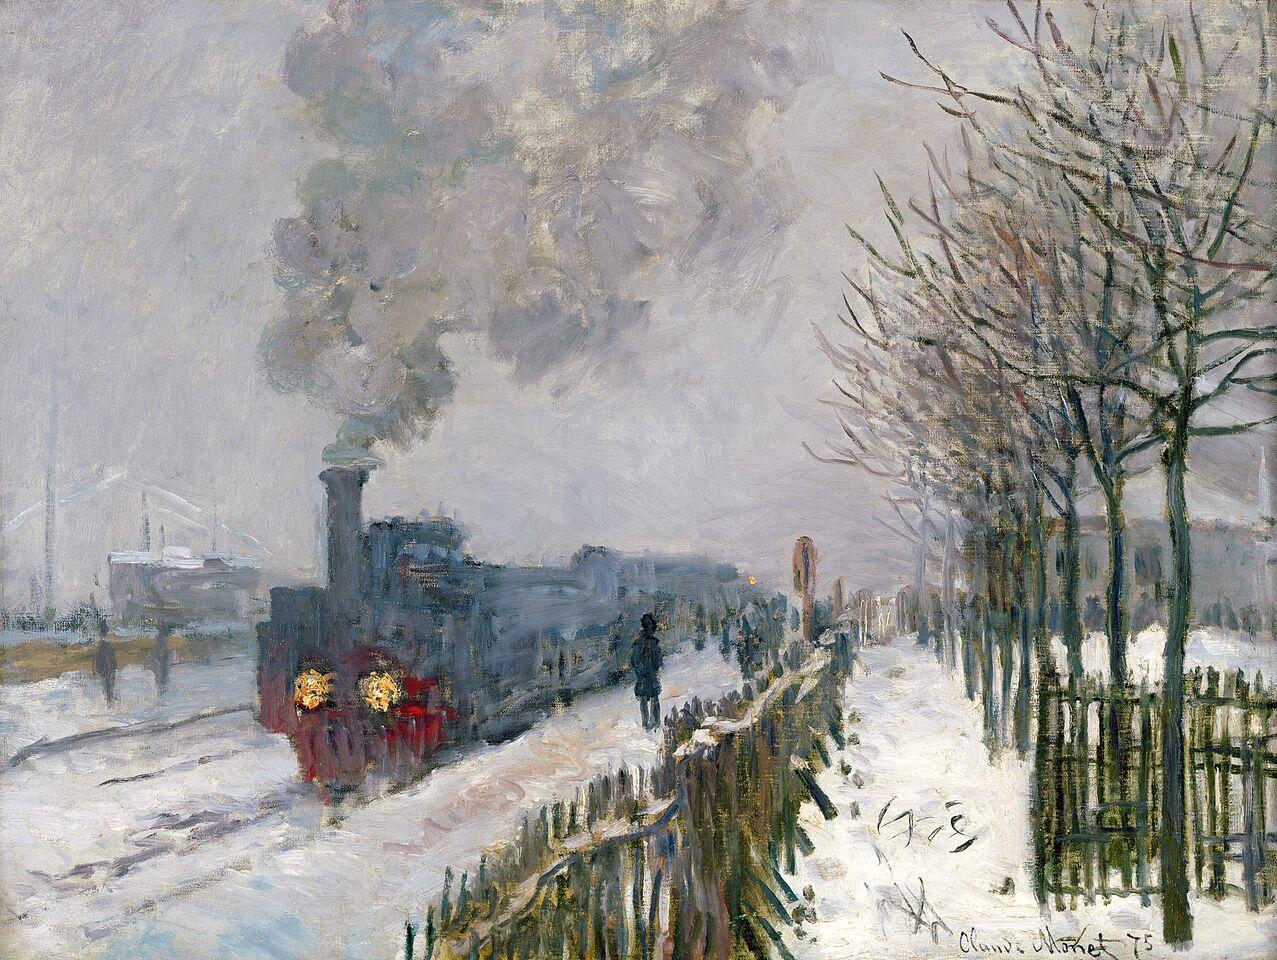 Claude Monet (1840-1926) Il treno nella neve. La locomotiva , 1875 Olio su tela, 59x78 cm Parigi, Musée Marmottan Monet © Musée Marmottan Monet, paris c Bridgeman-Giraudon / presse